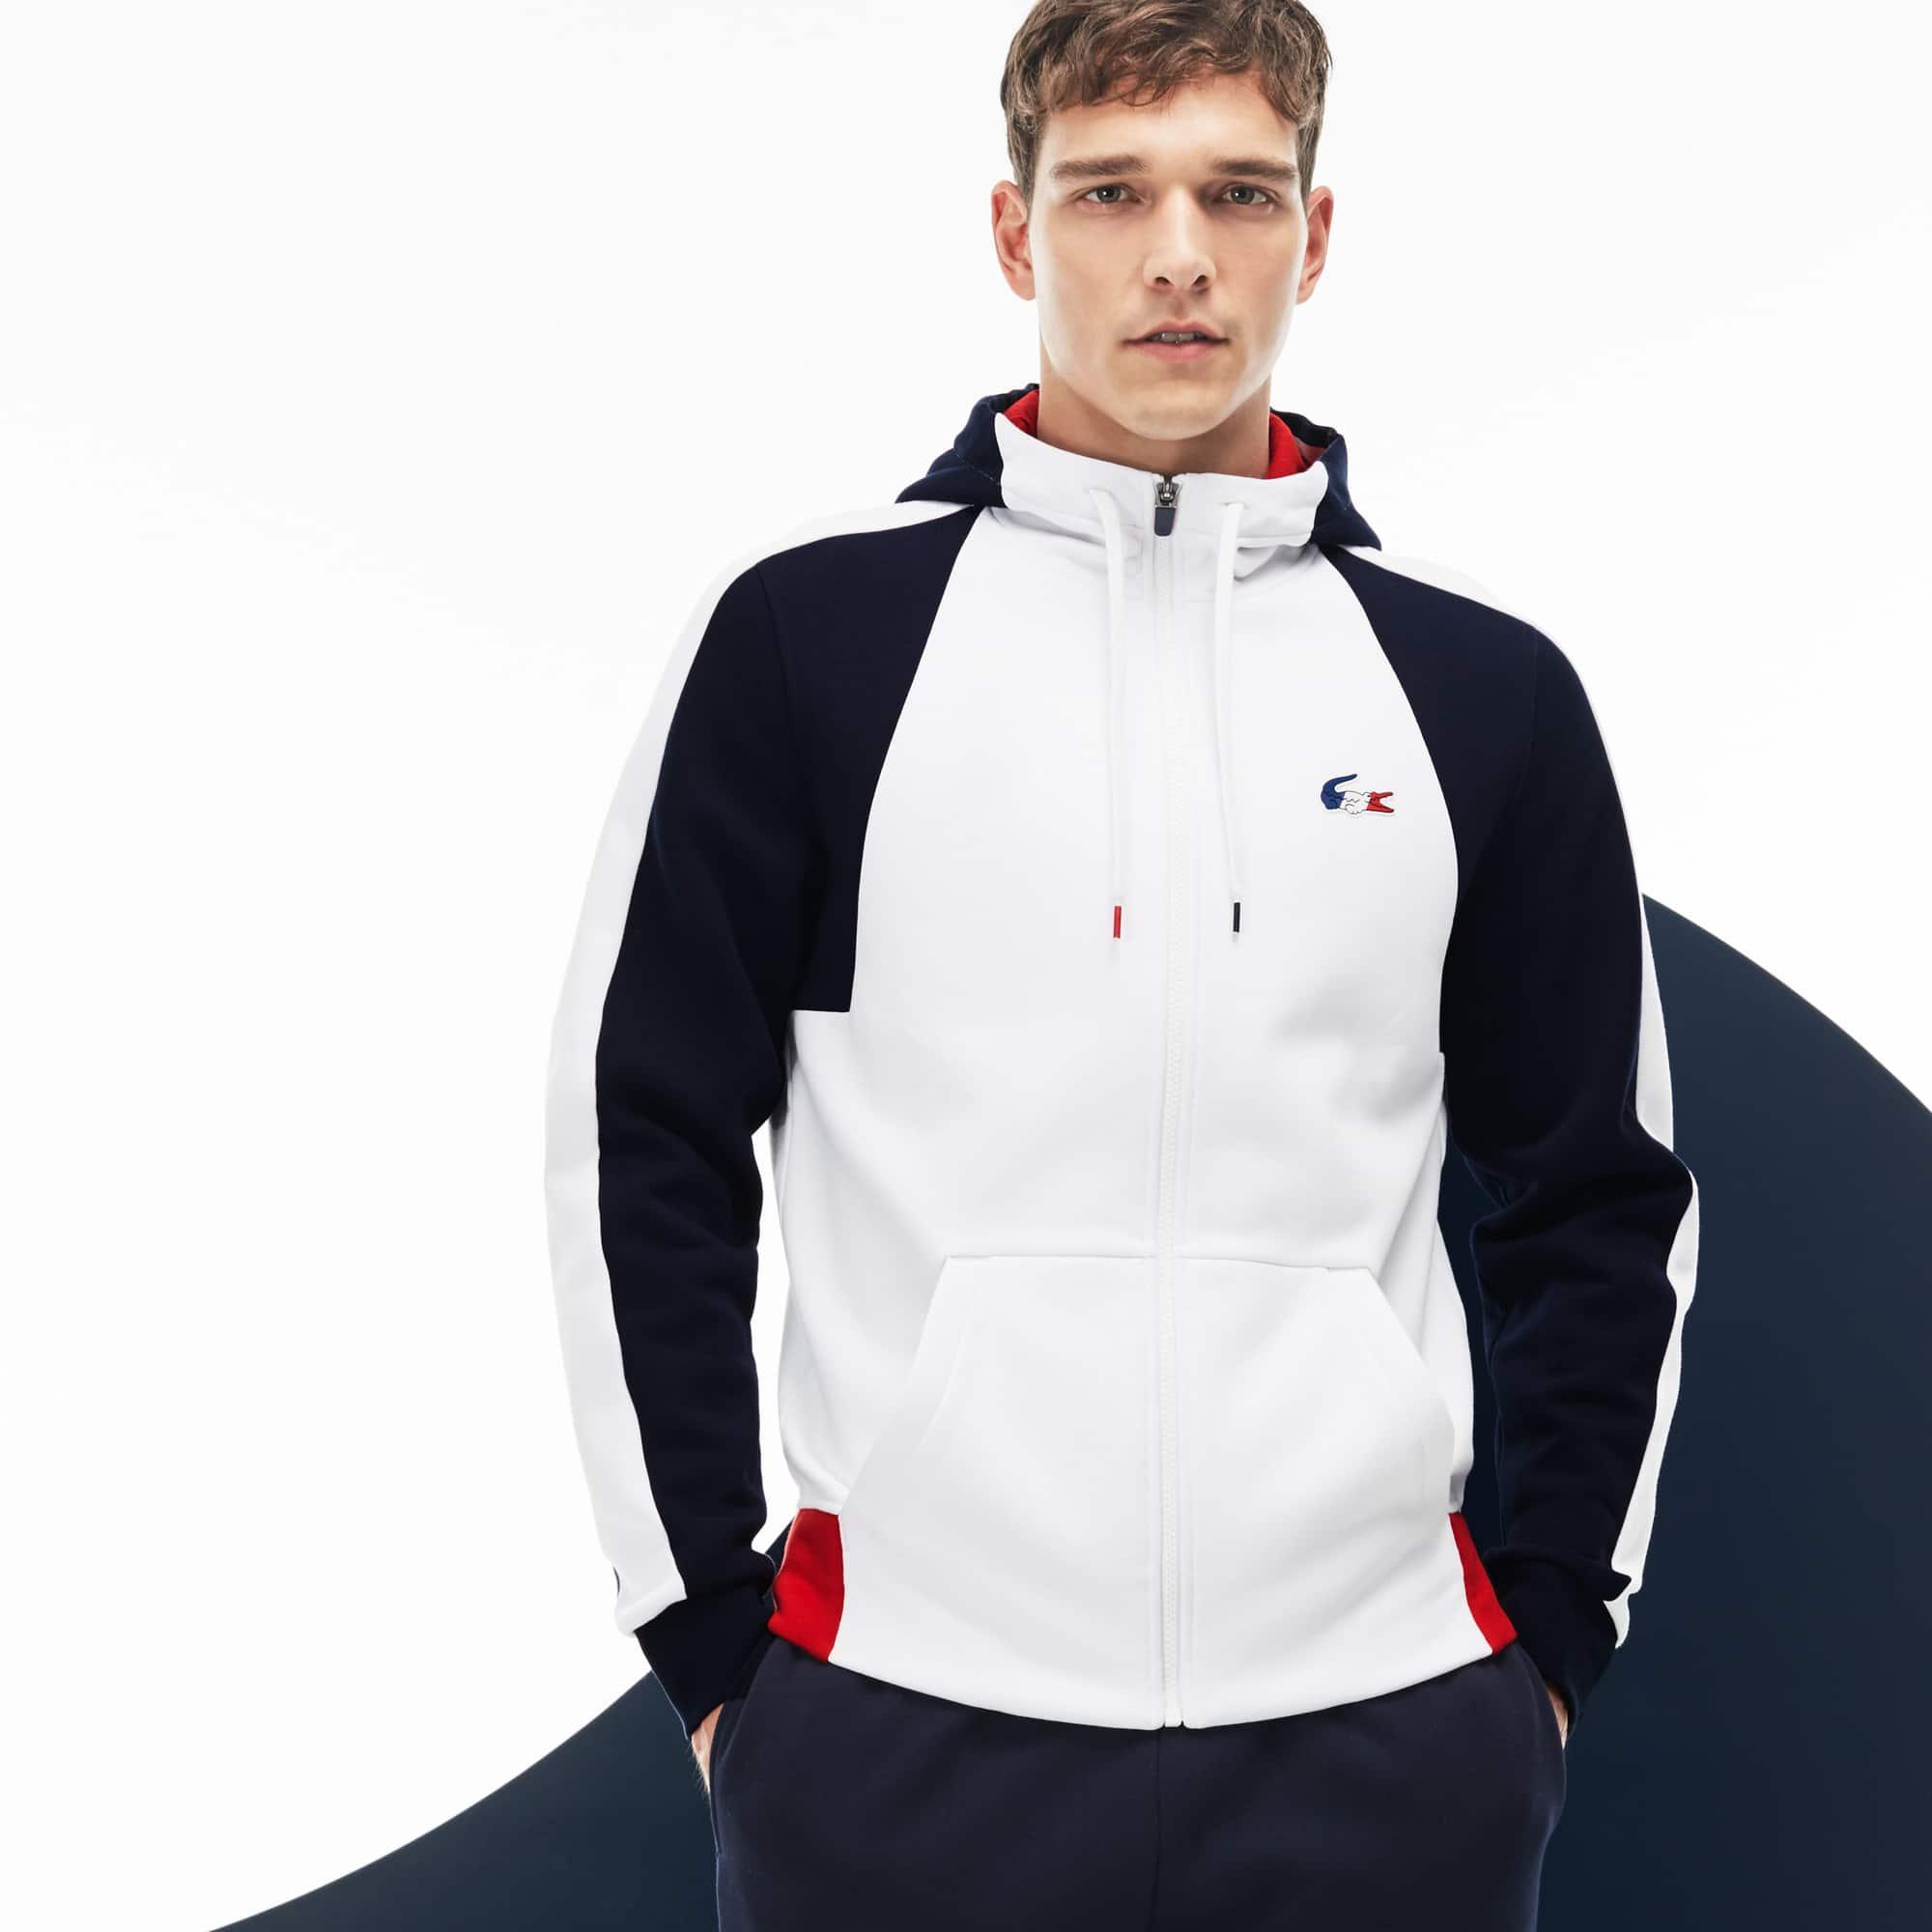 Herren-Sweatshirt aus Fleece FRENCH SPORTING SPIRIT